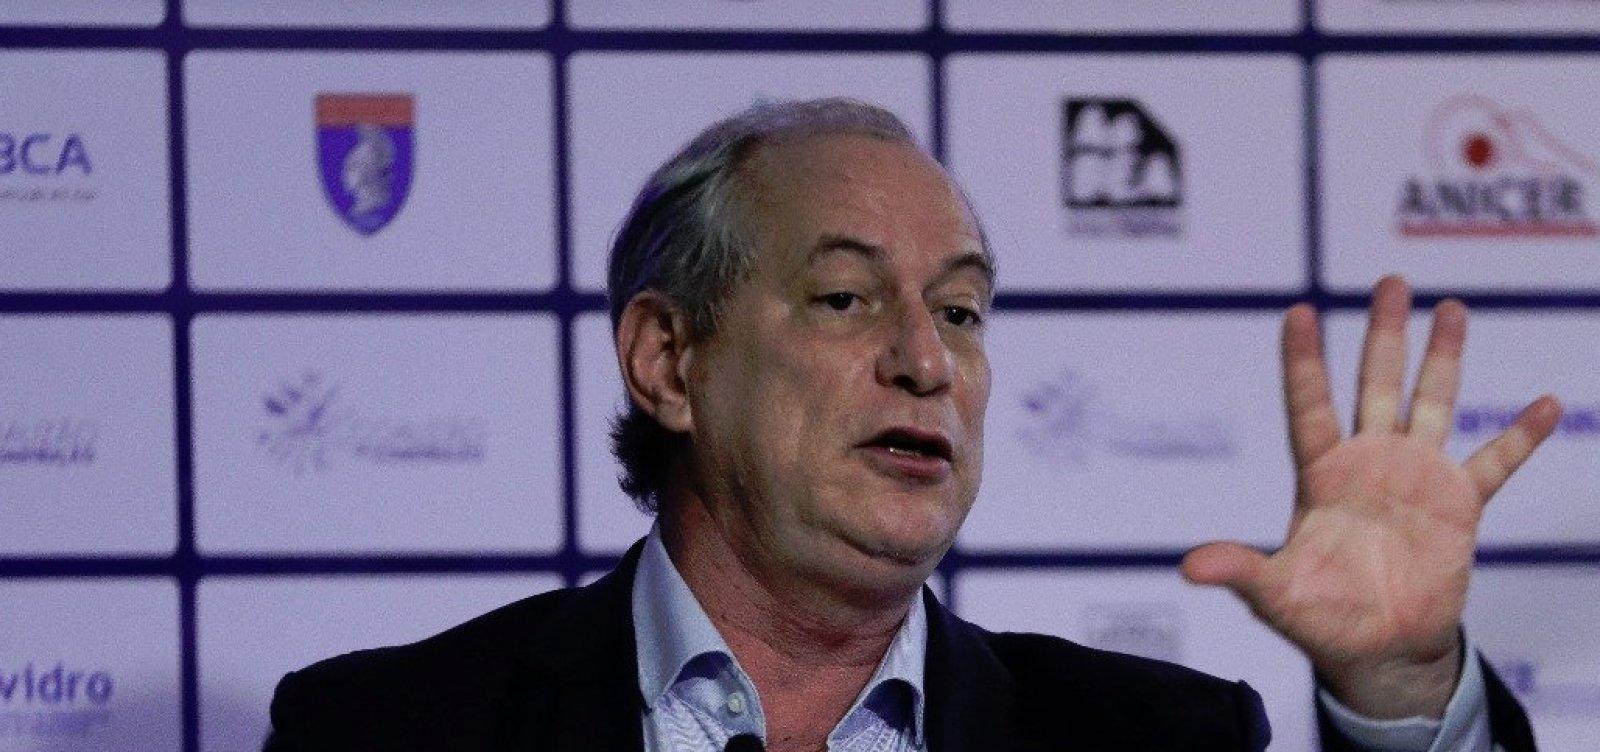 Balcão de negócios de partidos 'enterrou FHC e Lula', aponta Ciro Gomes